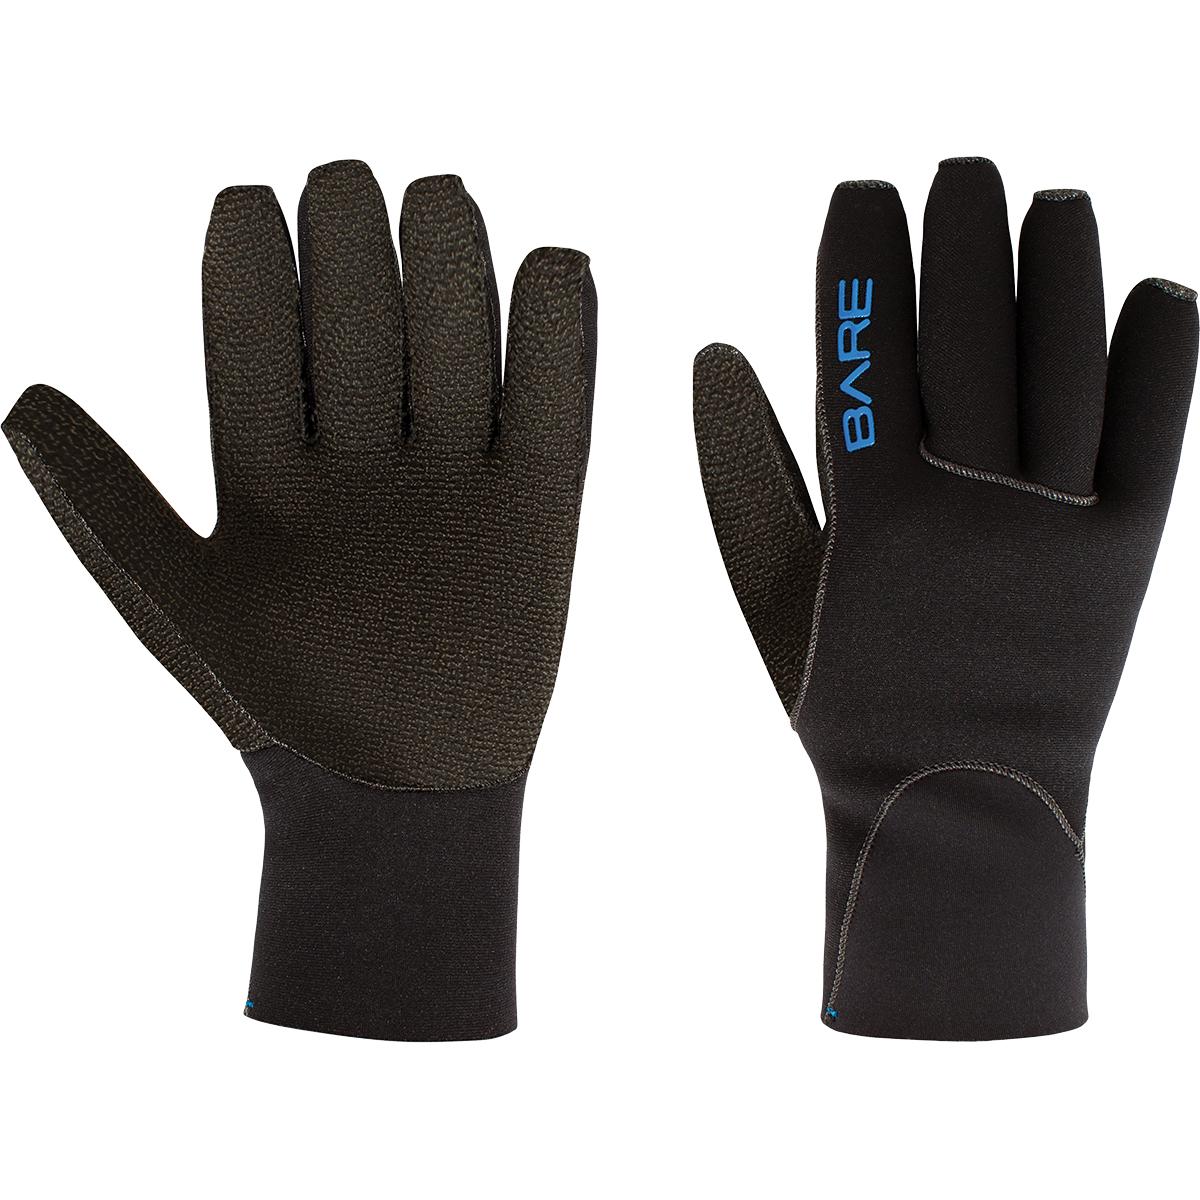 3mm K-palm Glove